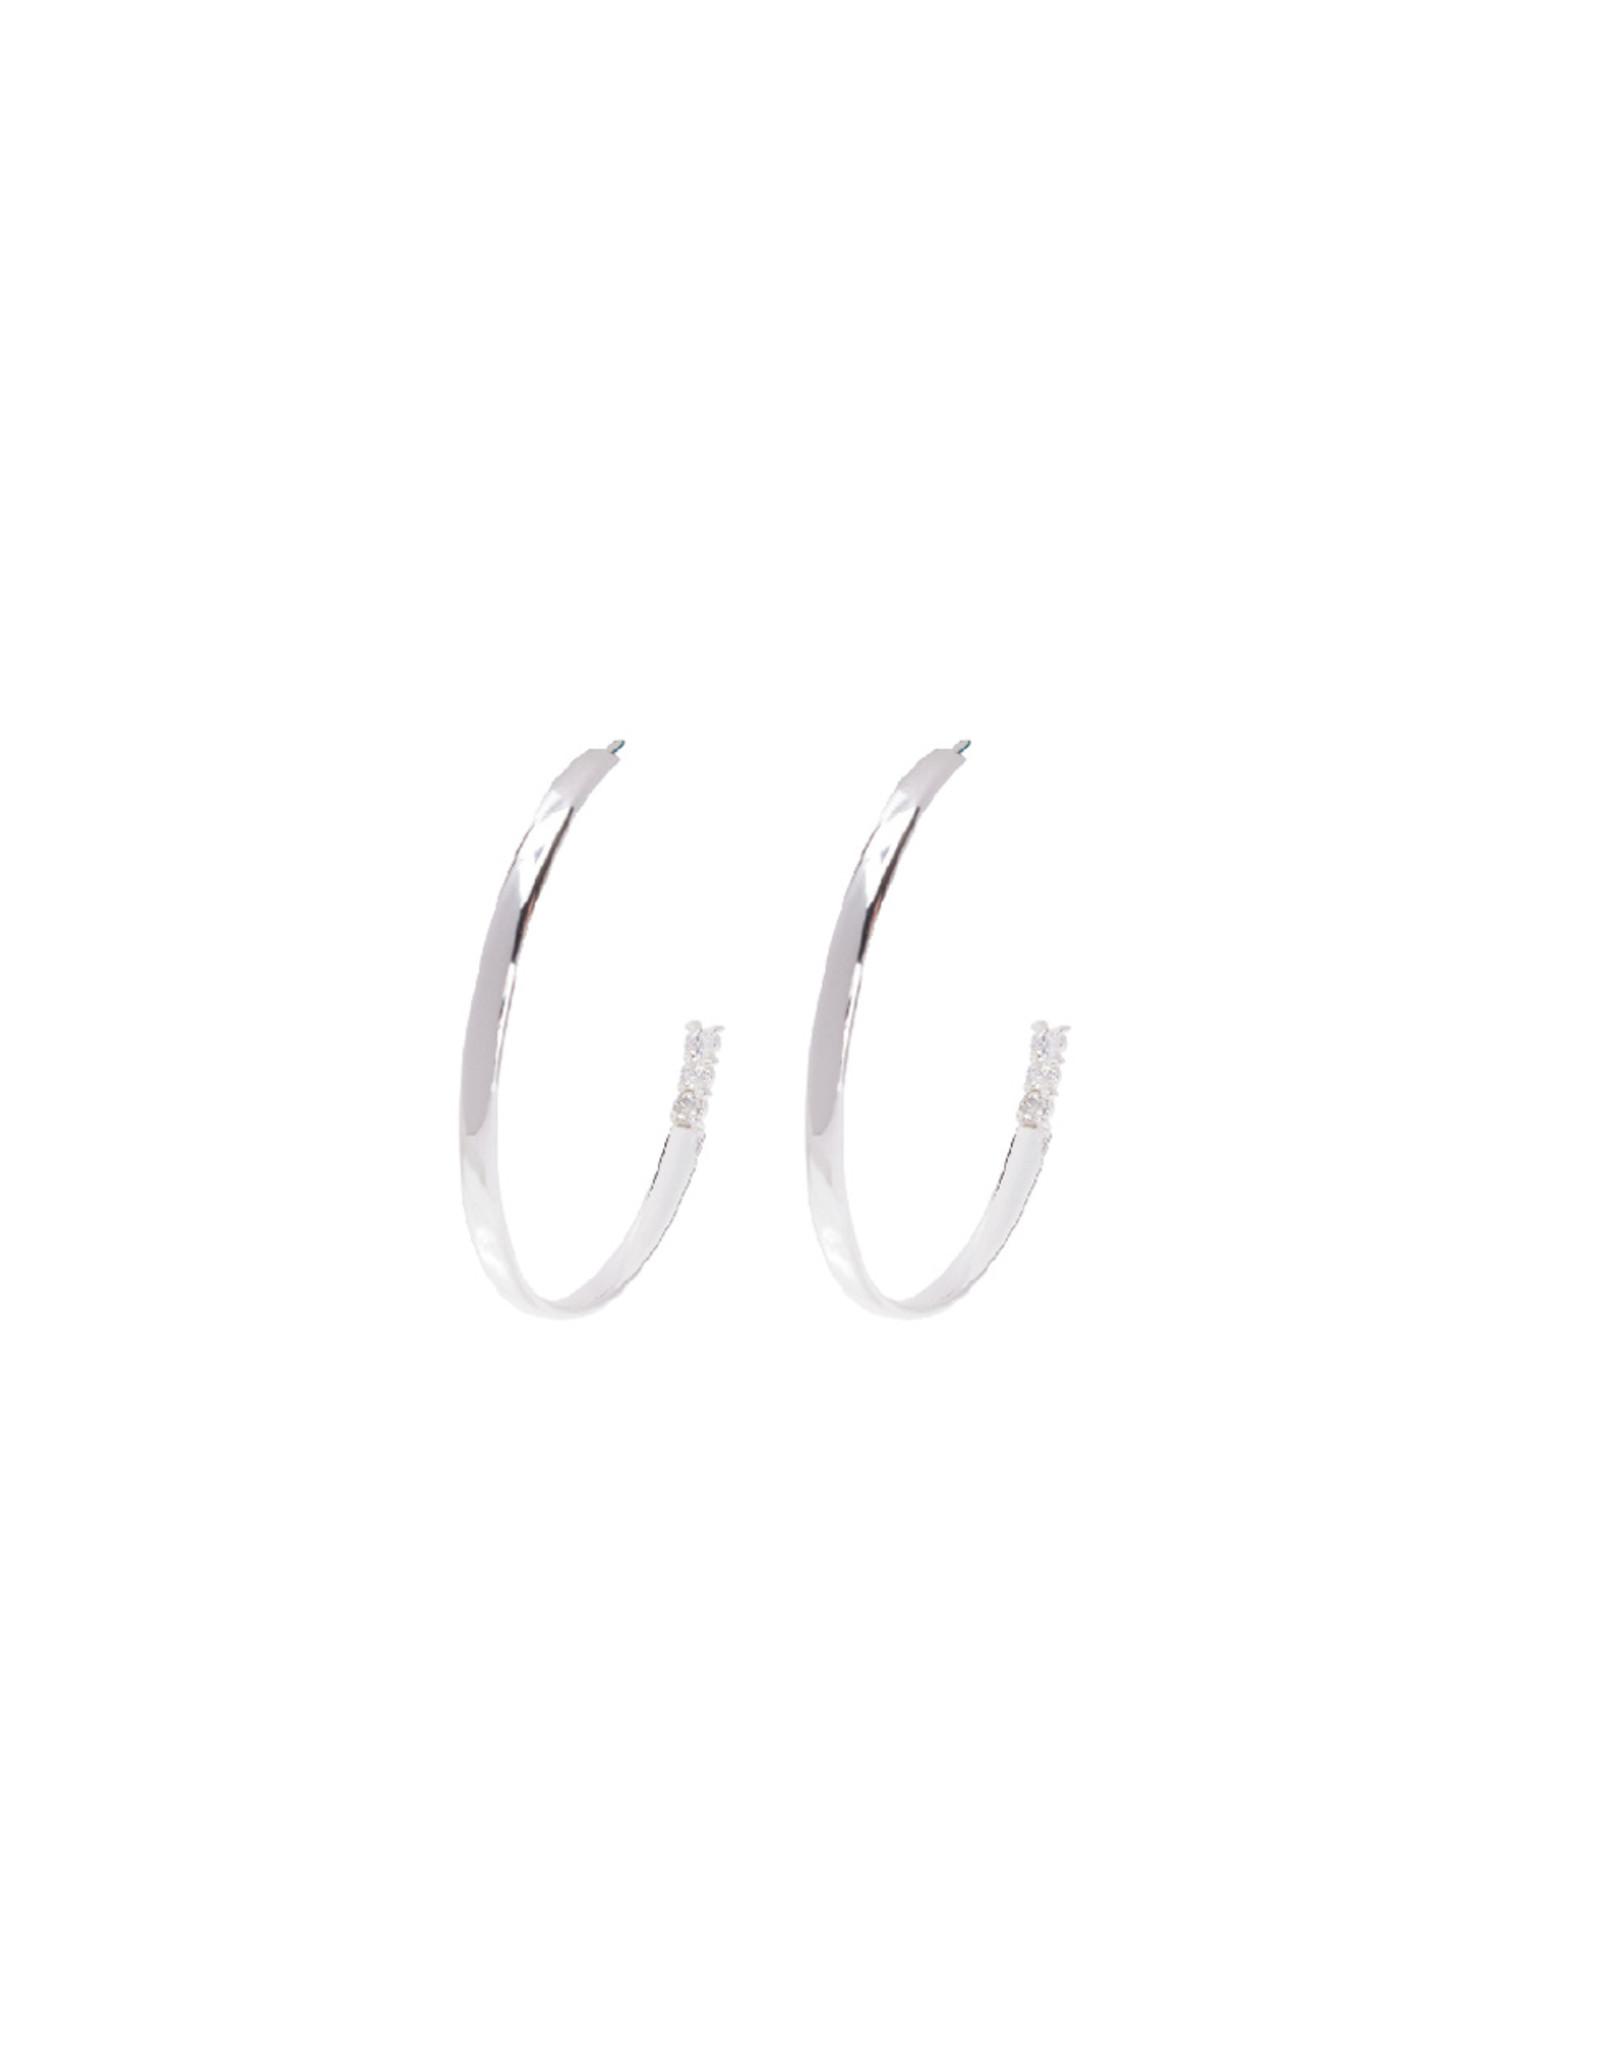 Beblue beblue Large Hoops, Earrings, Silver (BO1509-SLV)